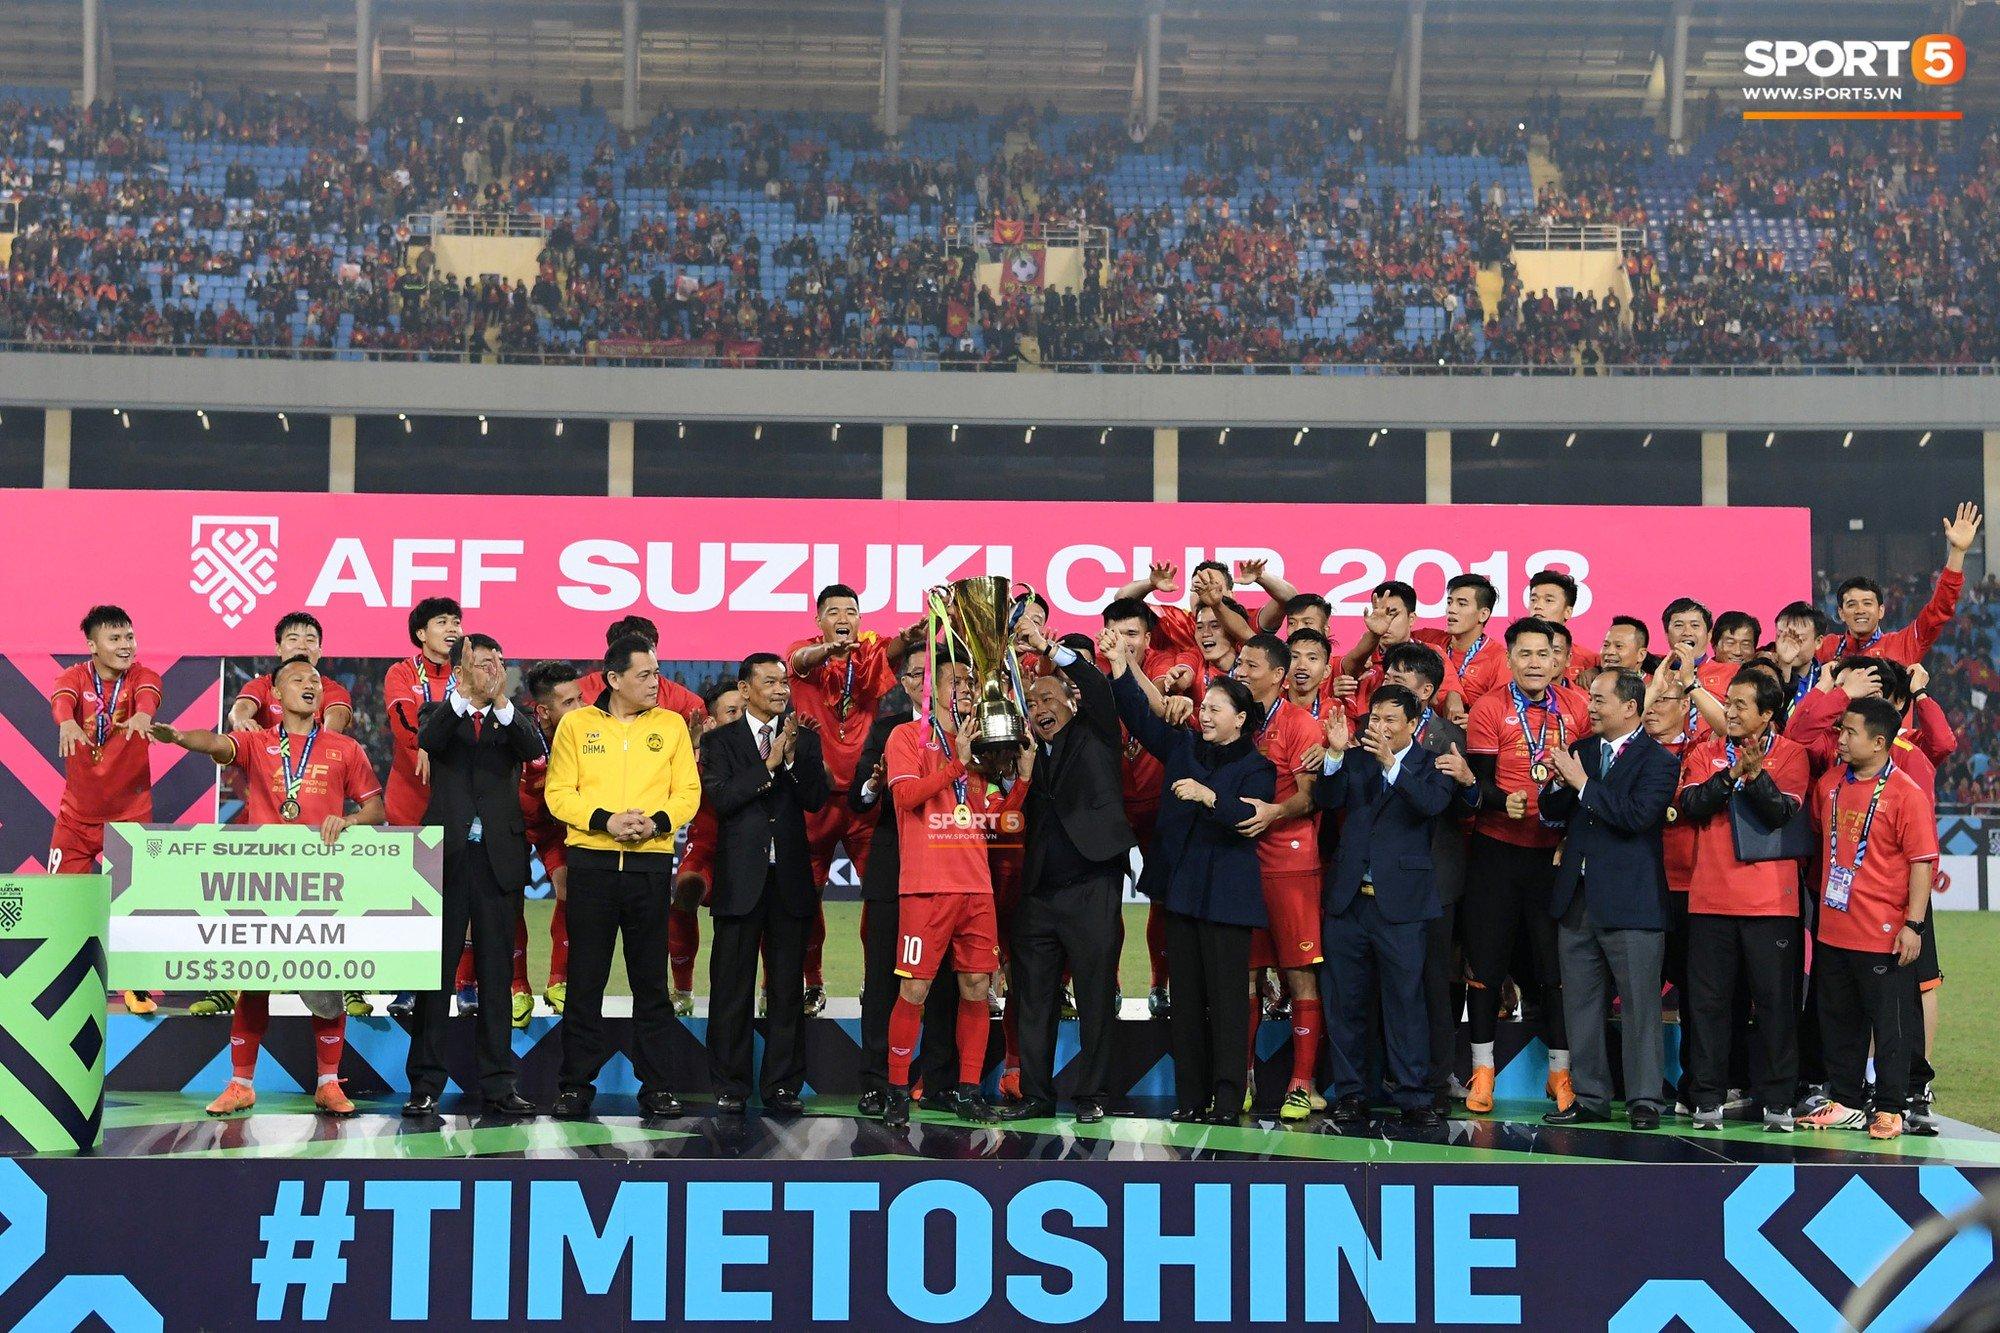 Vô địch AFF Cup 2018, đội tuyển Việt Nam được thưởng hơn 30 tỷ đồng  1